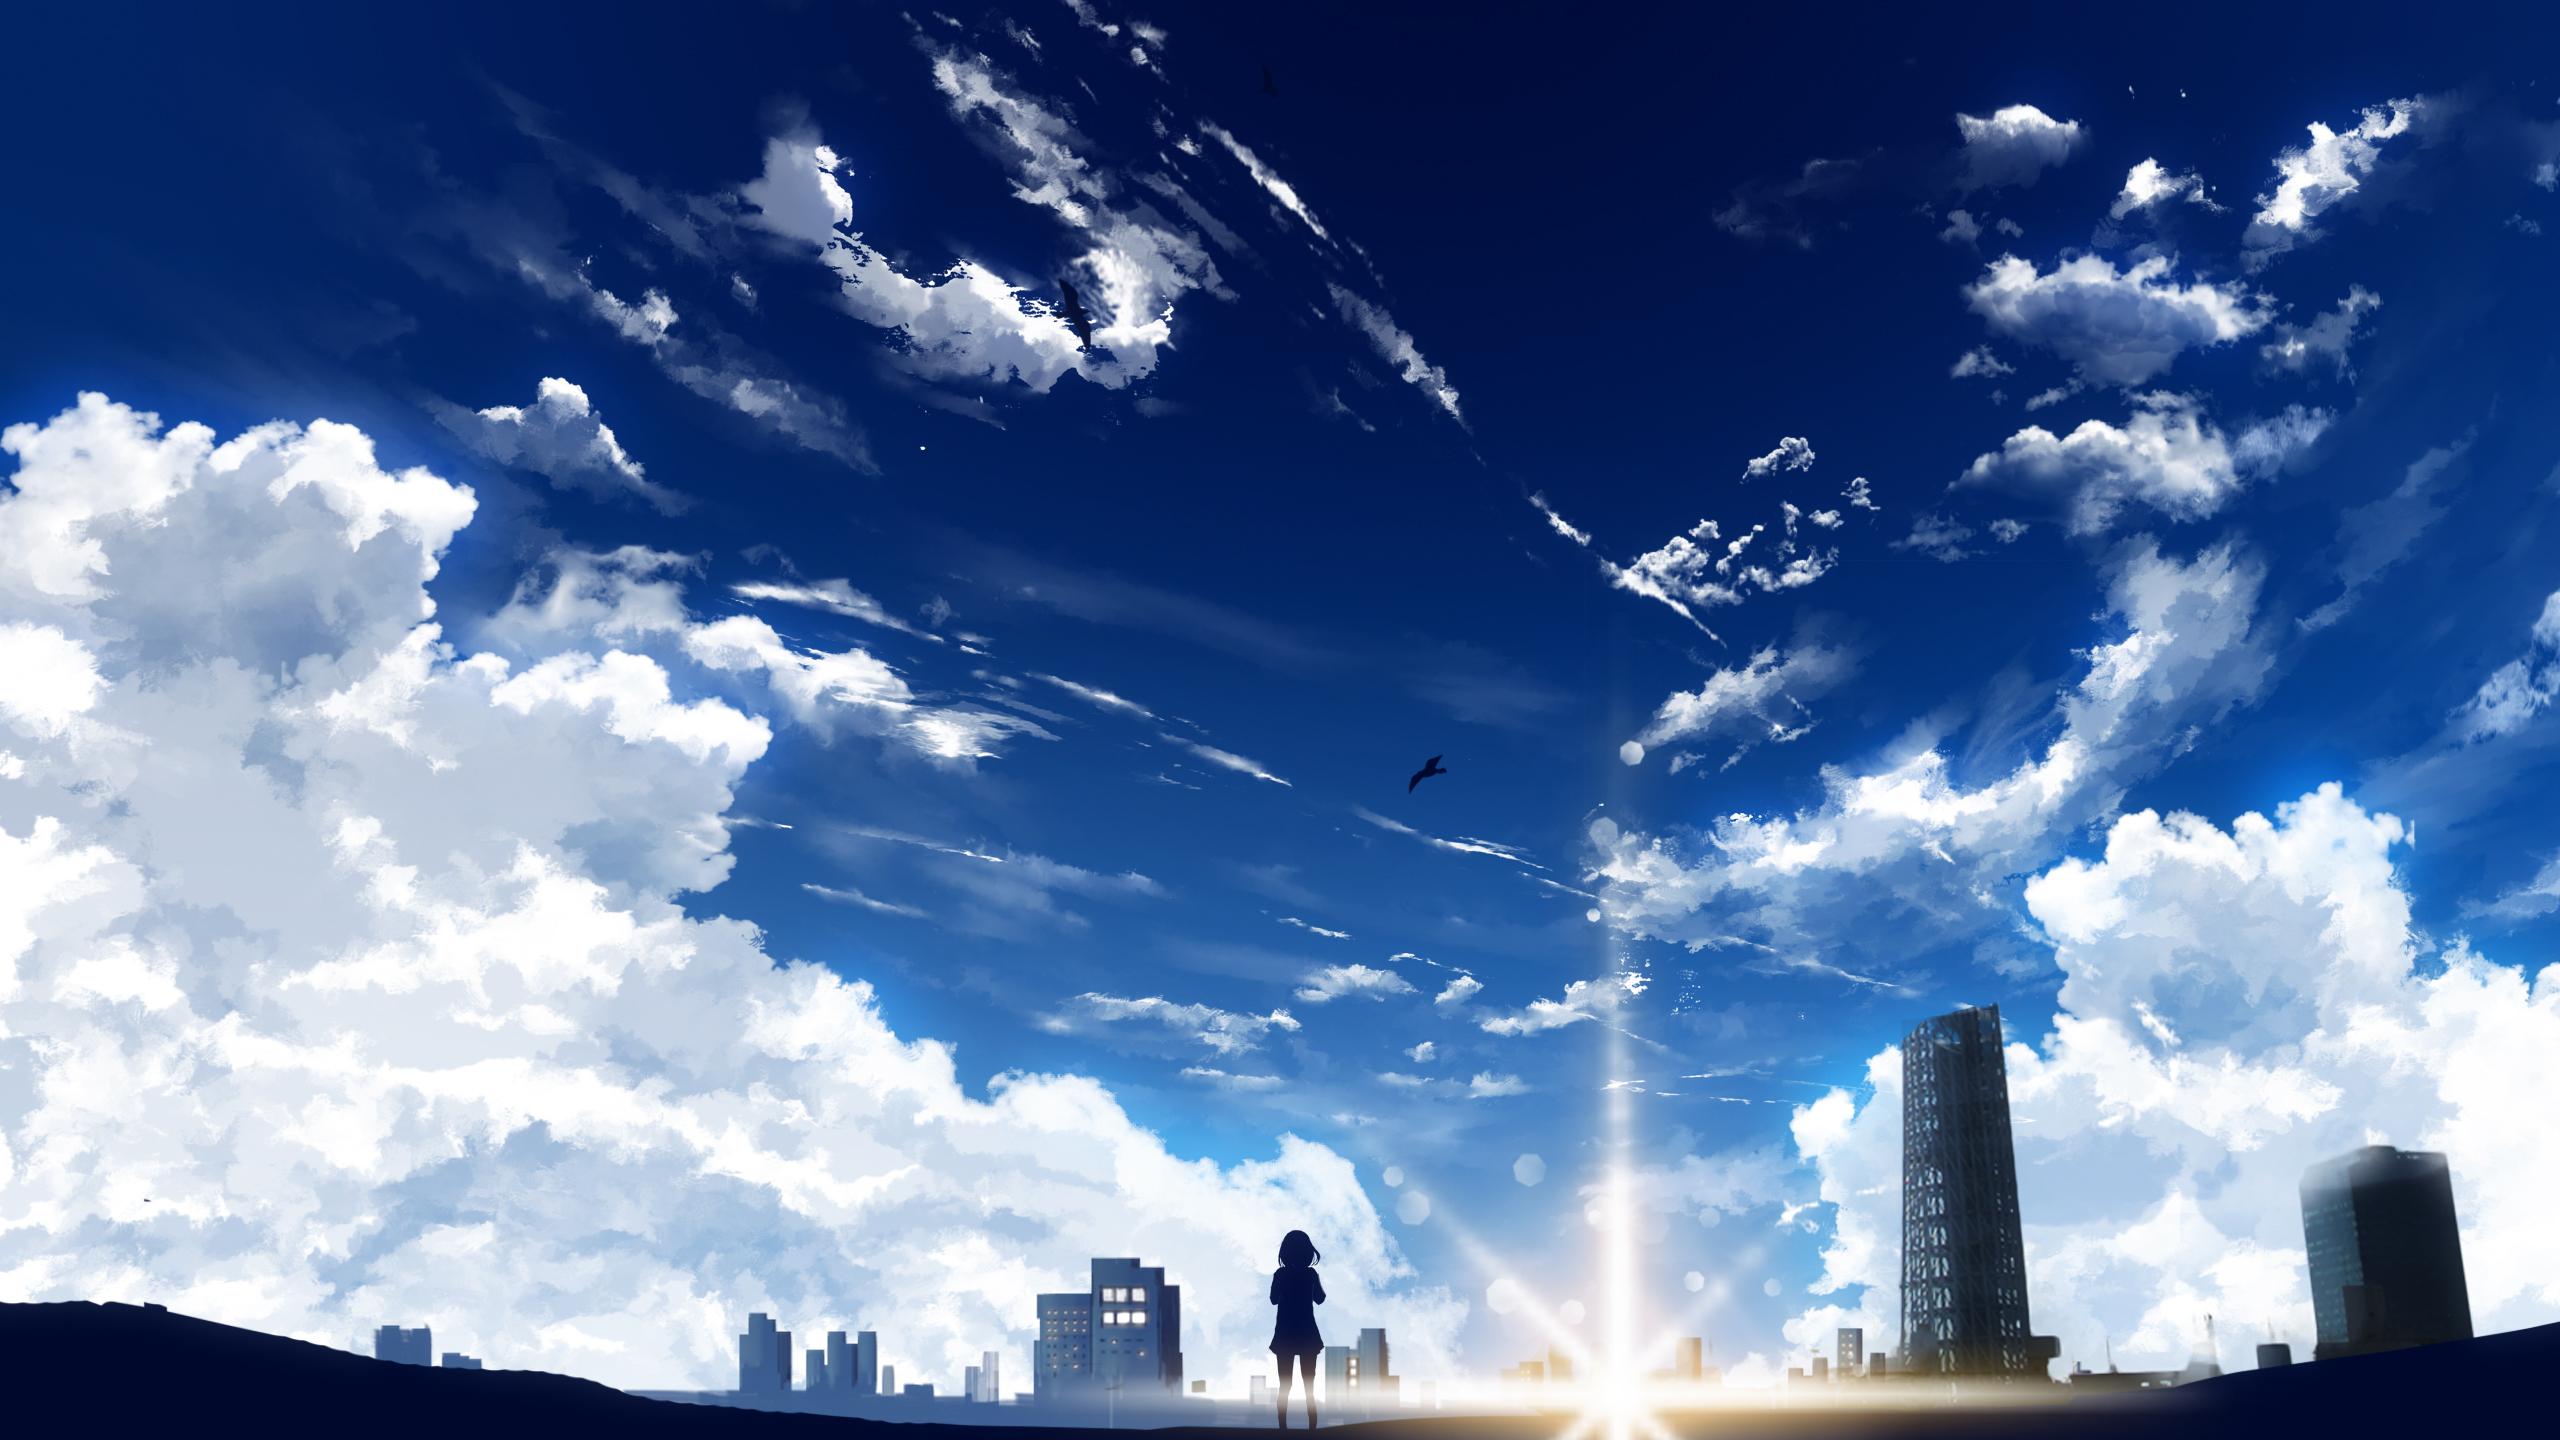 Miyamizu Mitsuha Kimi No Na Wa Zerochan Anime Image Board